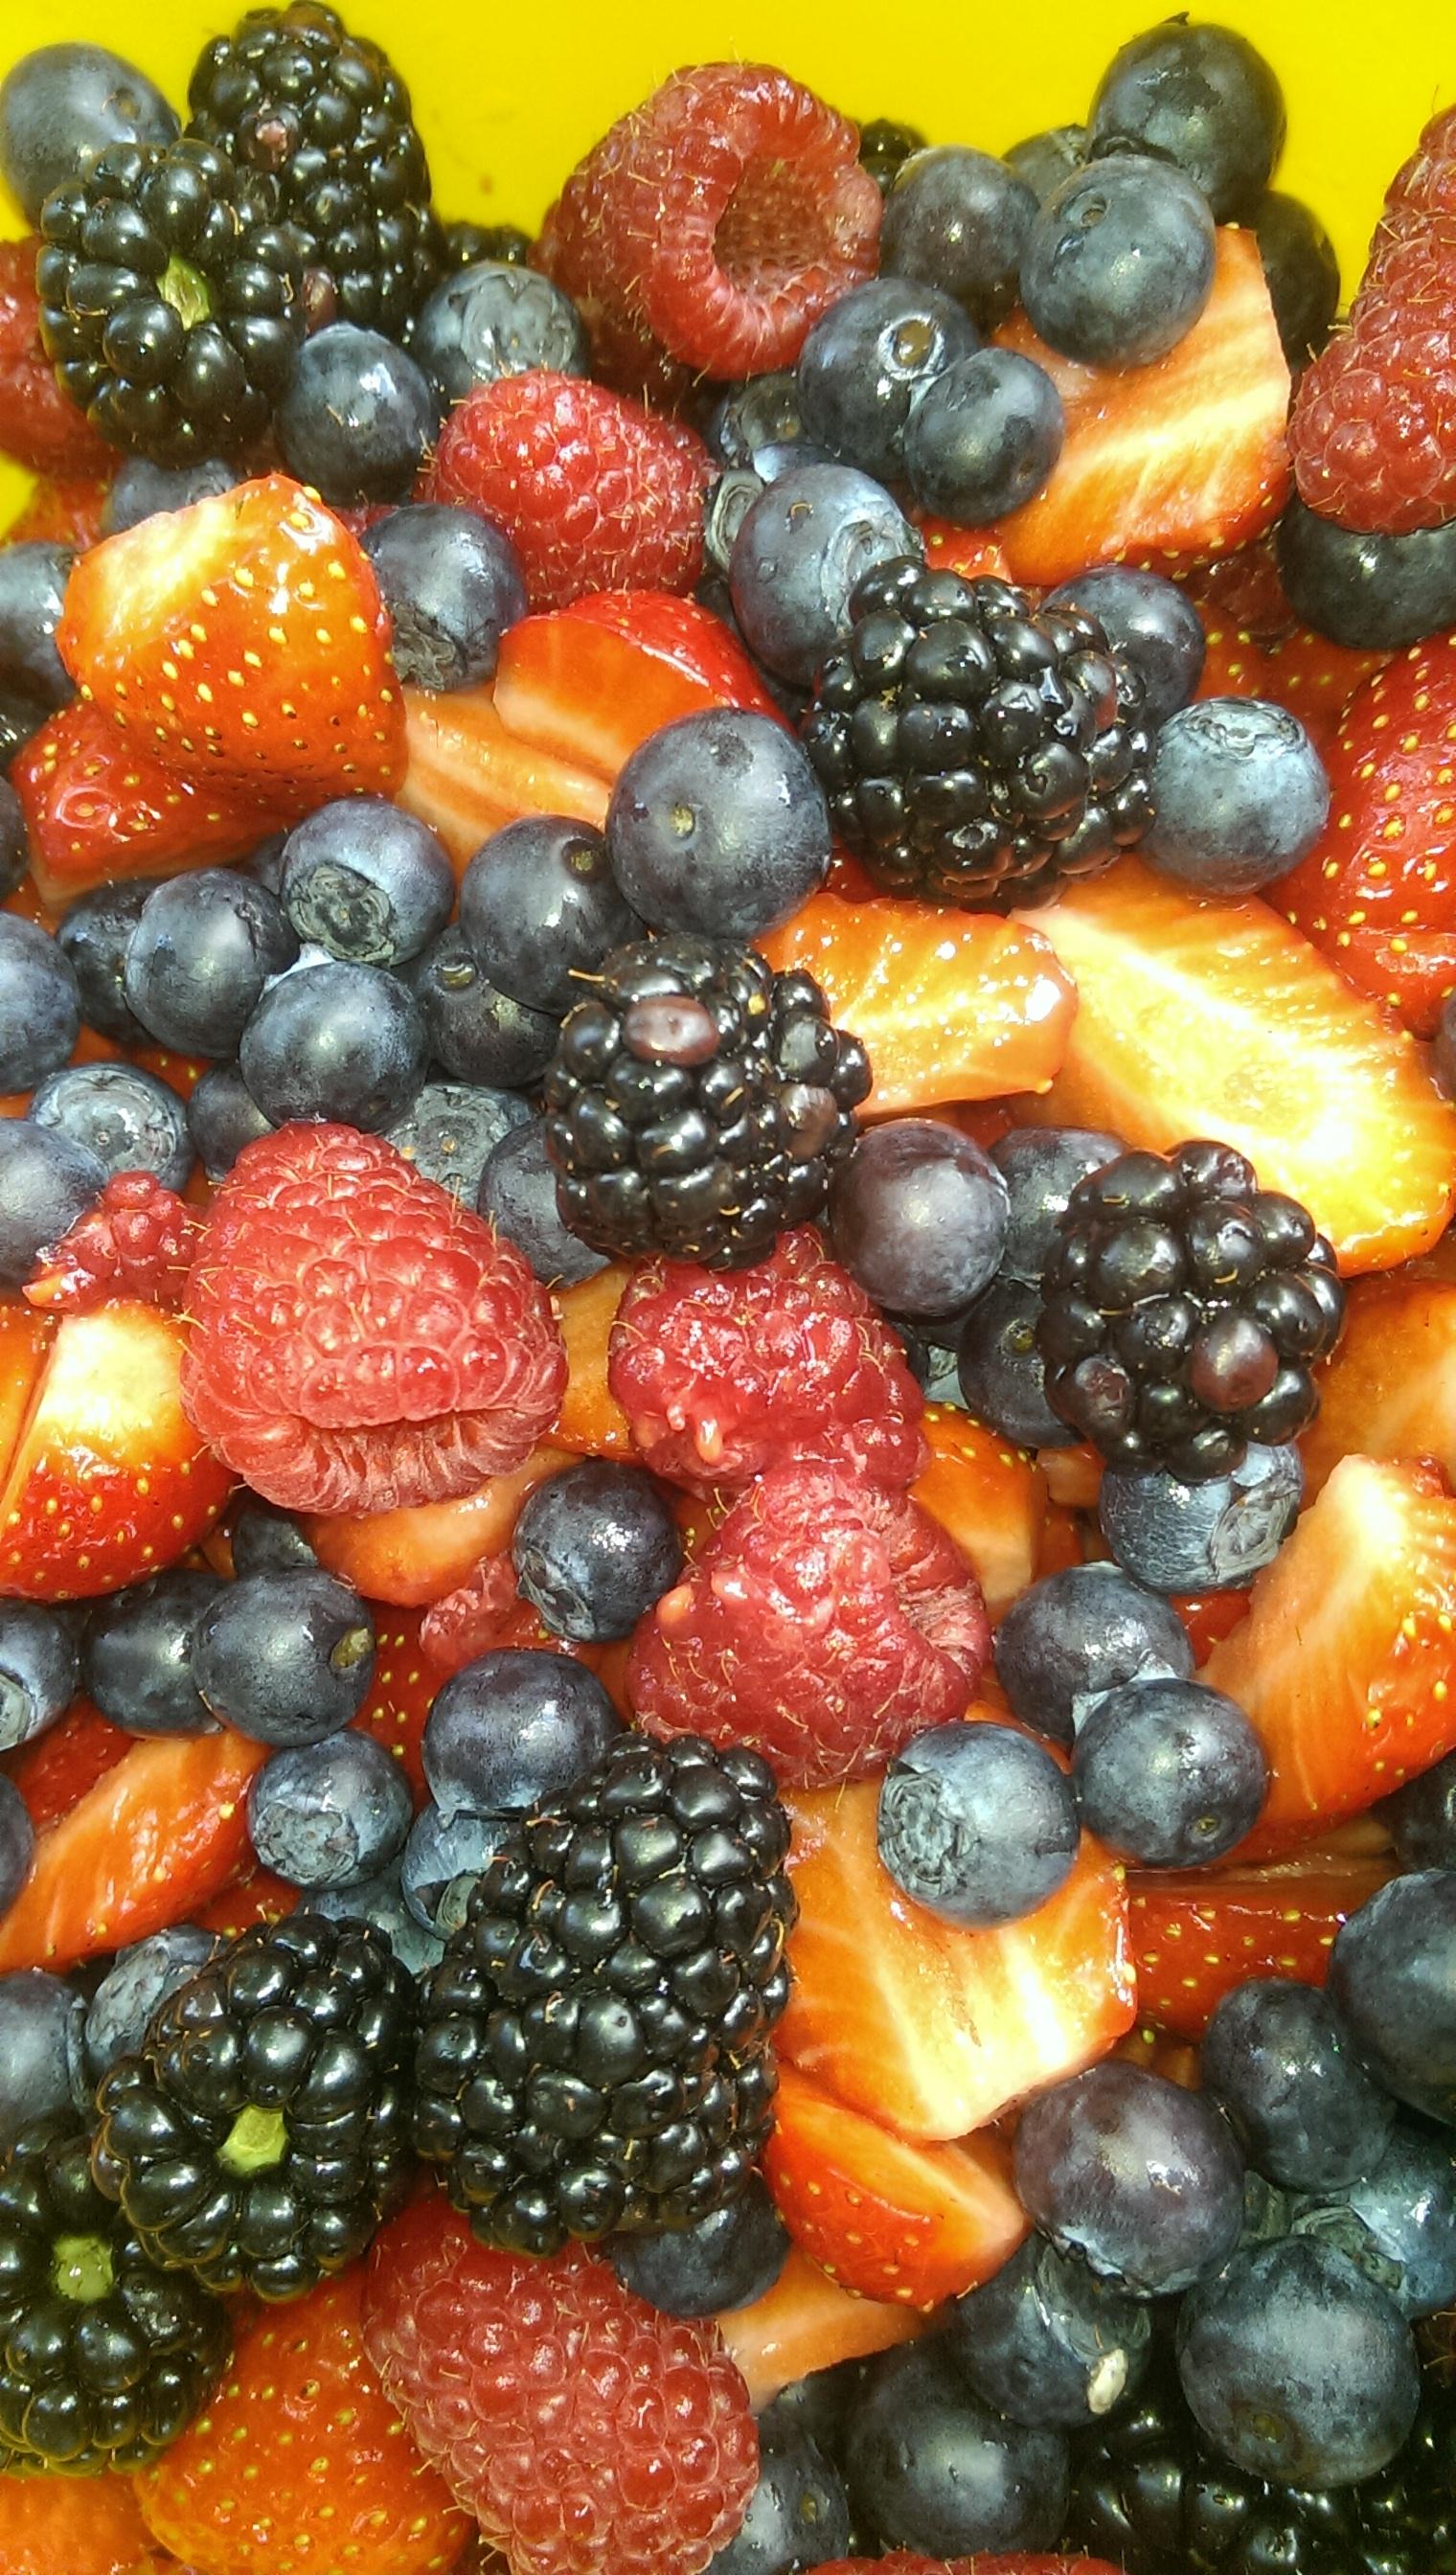 Erdbeeren, Himbeeren, Blaubeeeren, Brombeeren